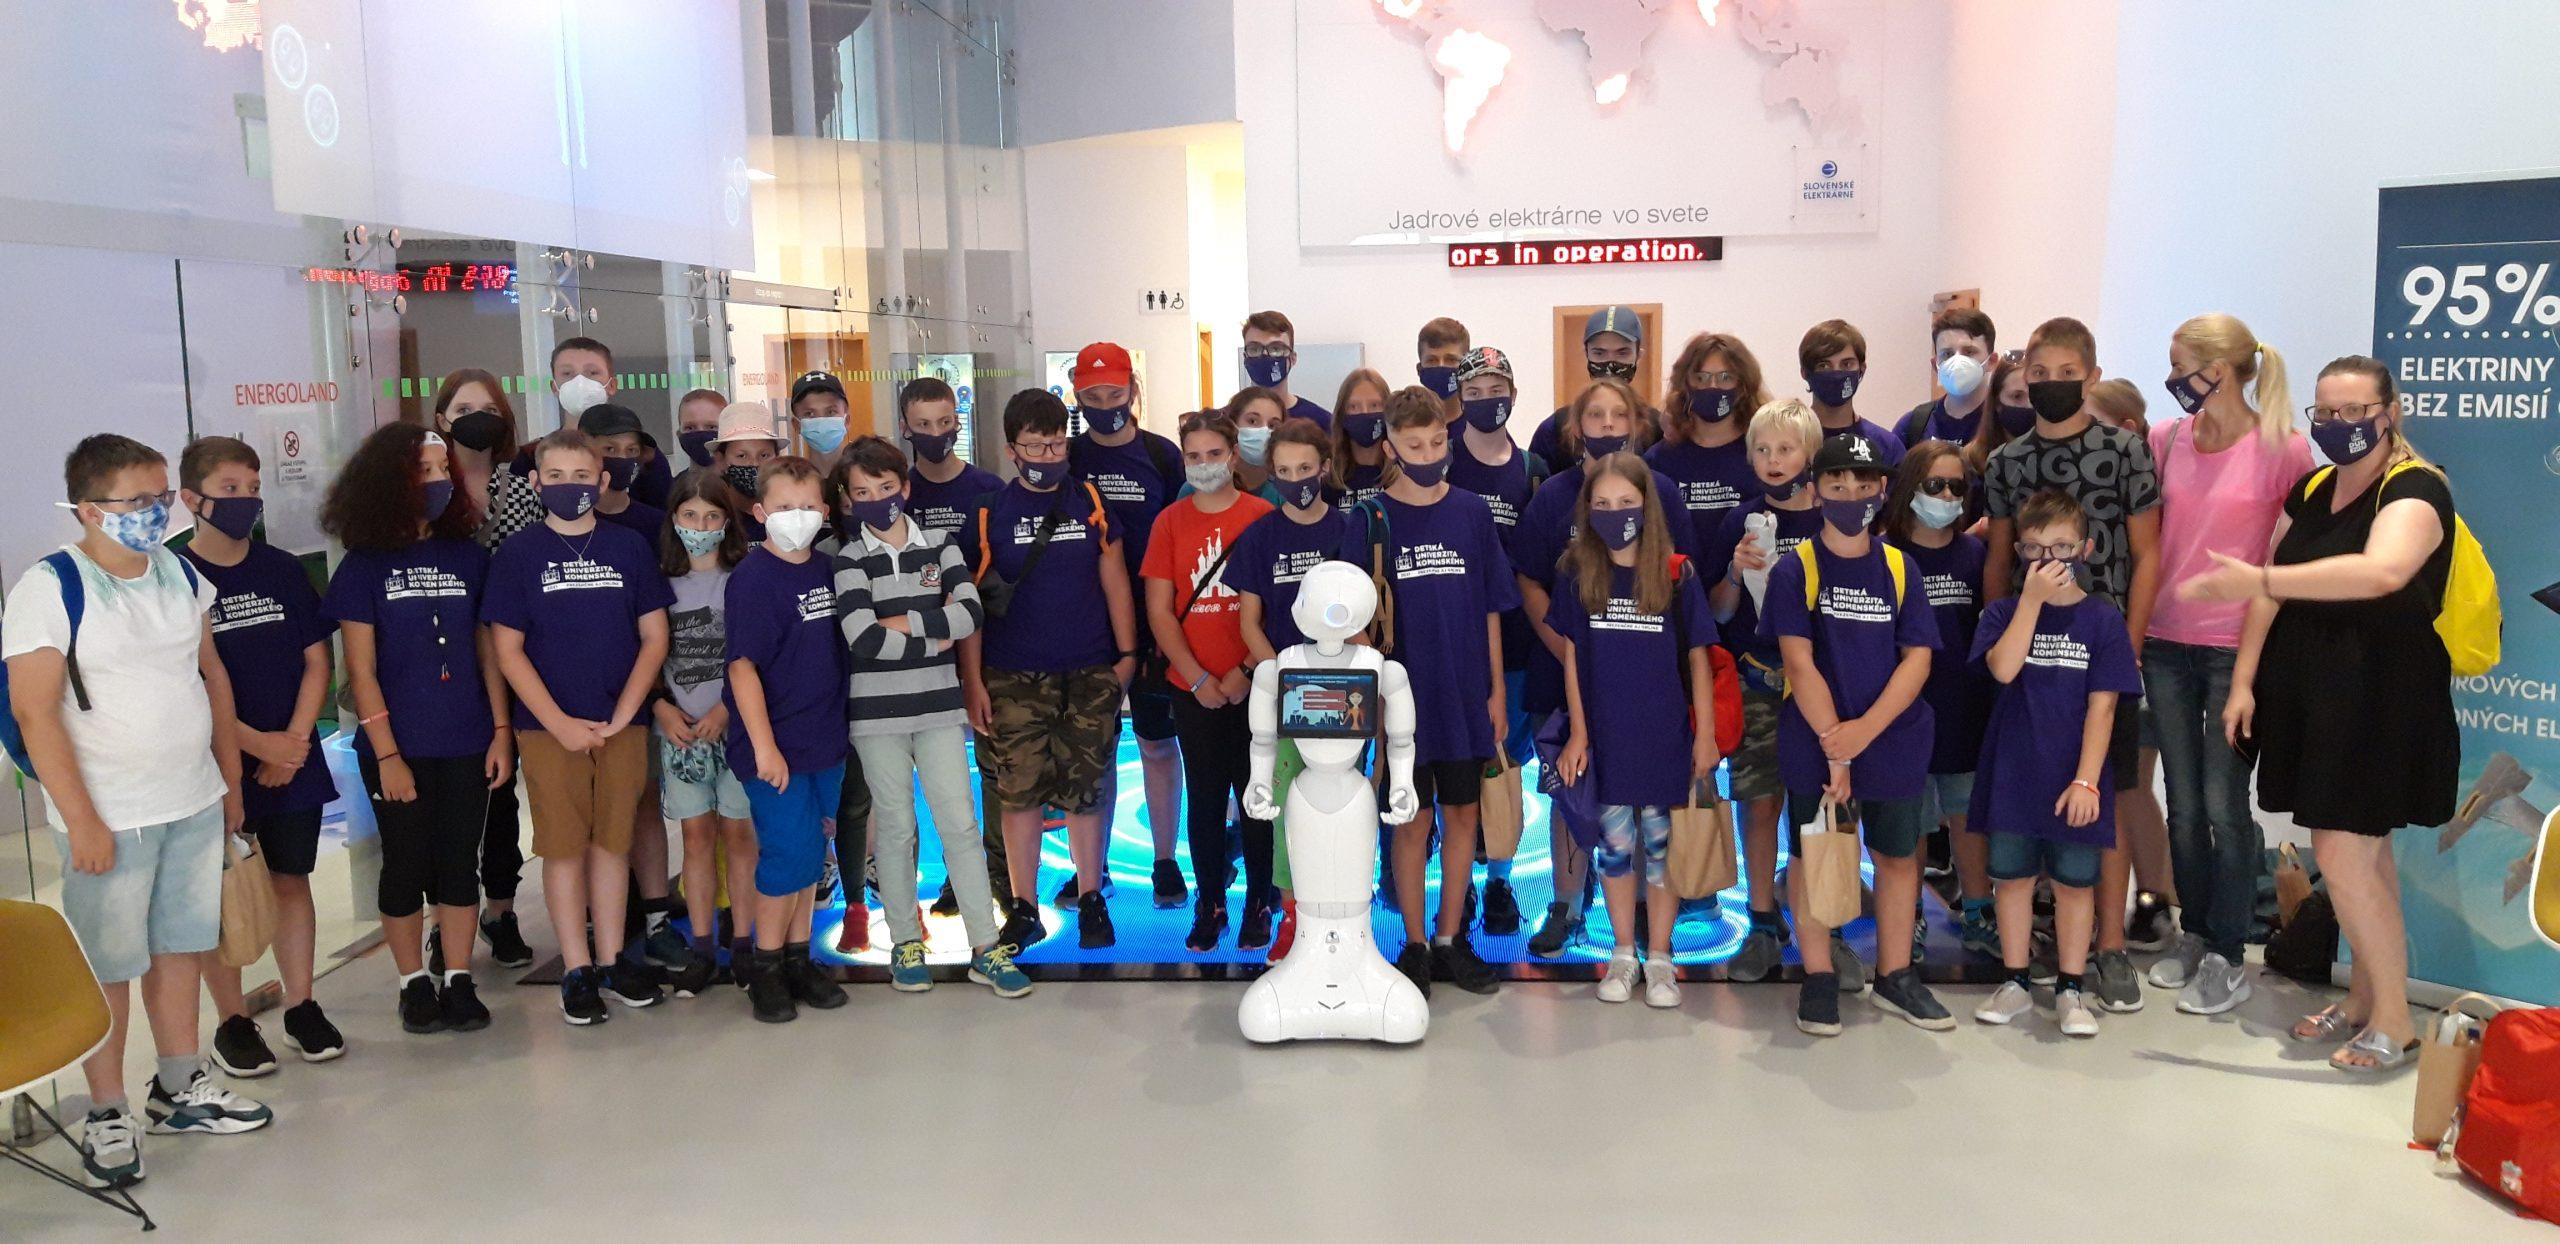 Študenti Detskej Univerzity Komenského navštívili Energoland